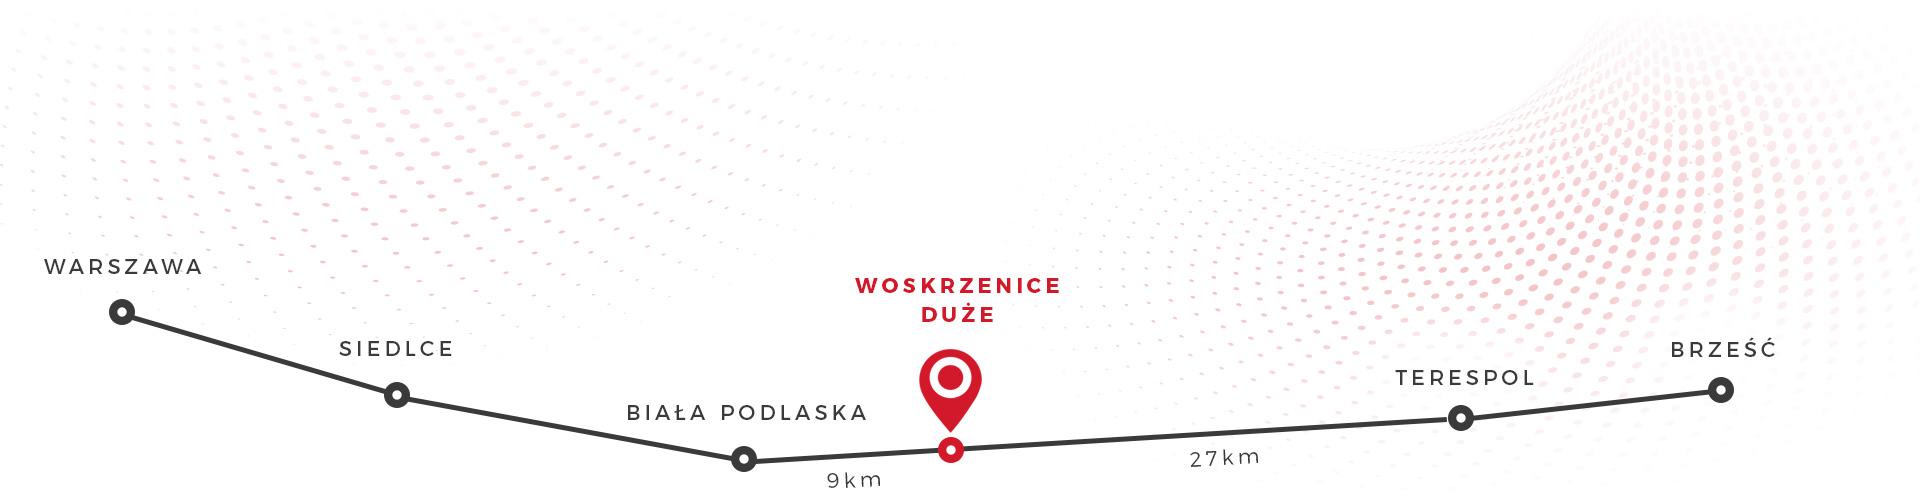 maps-woskrzenice-img